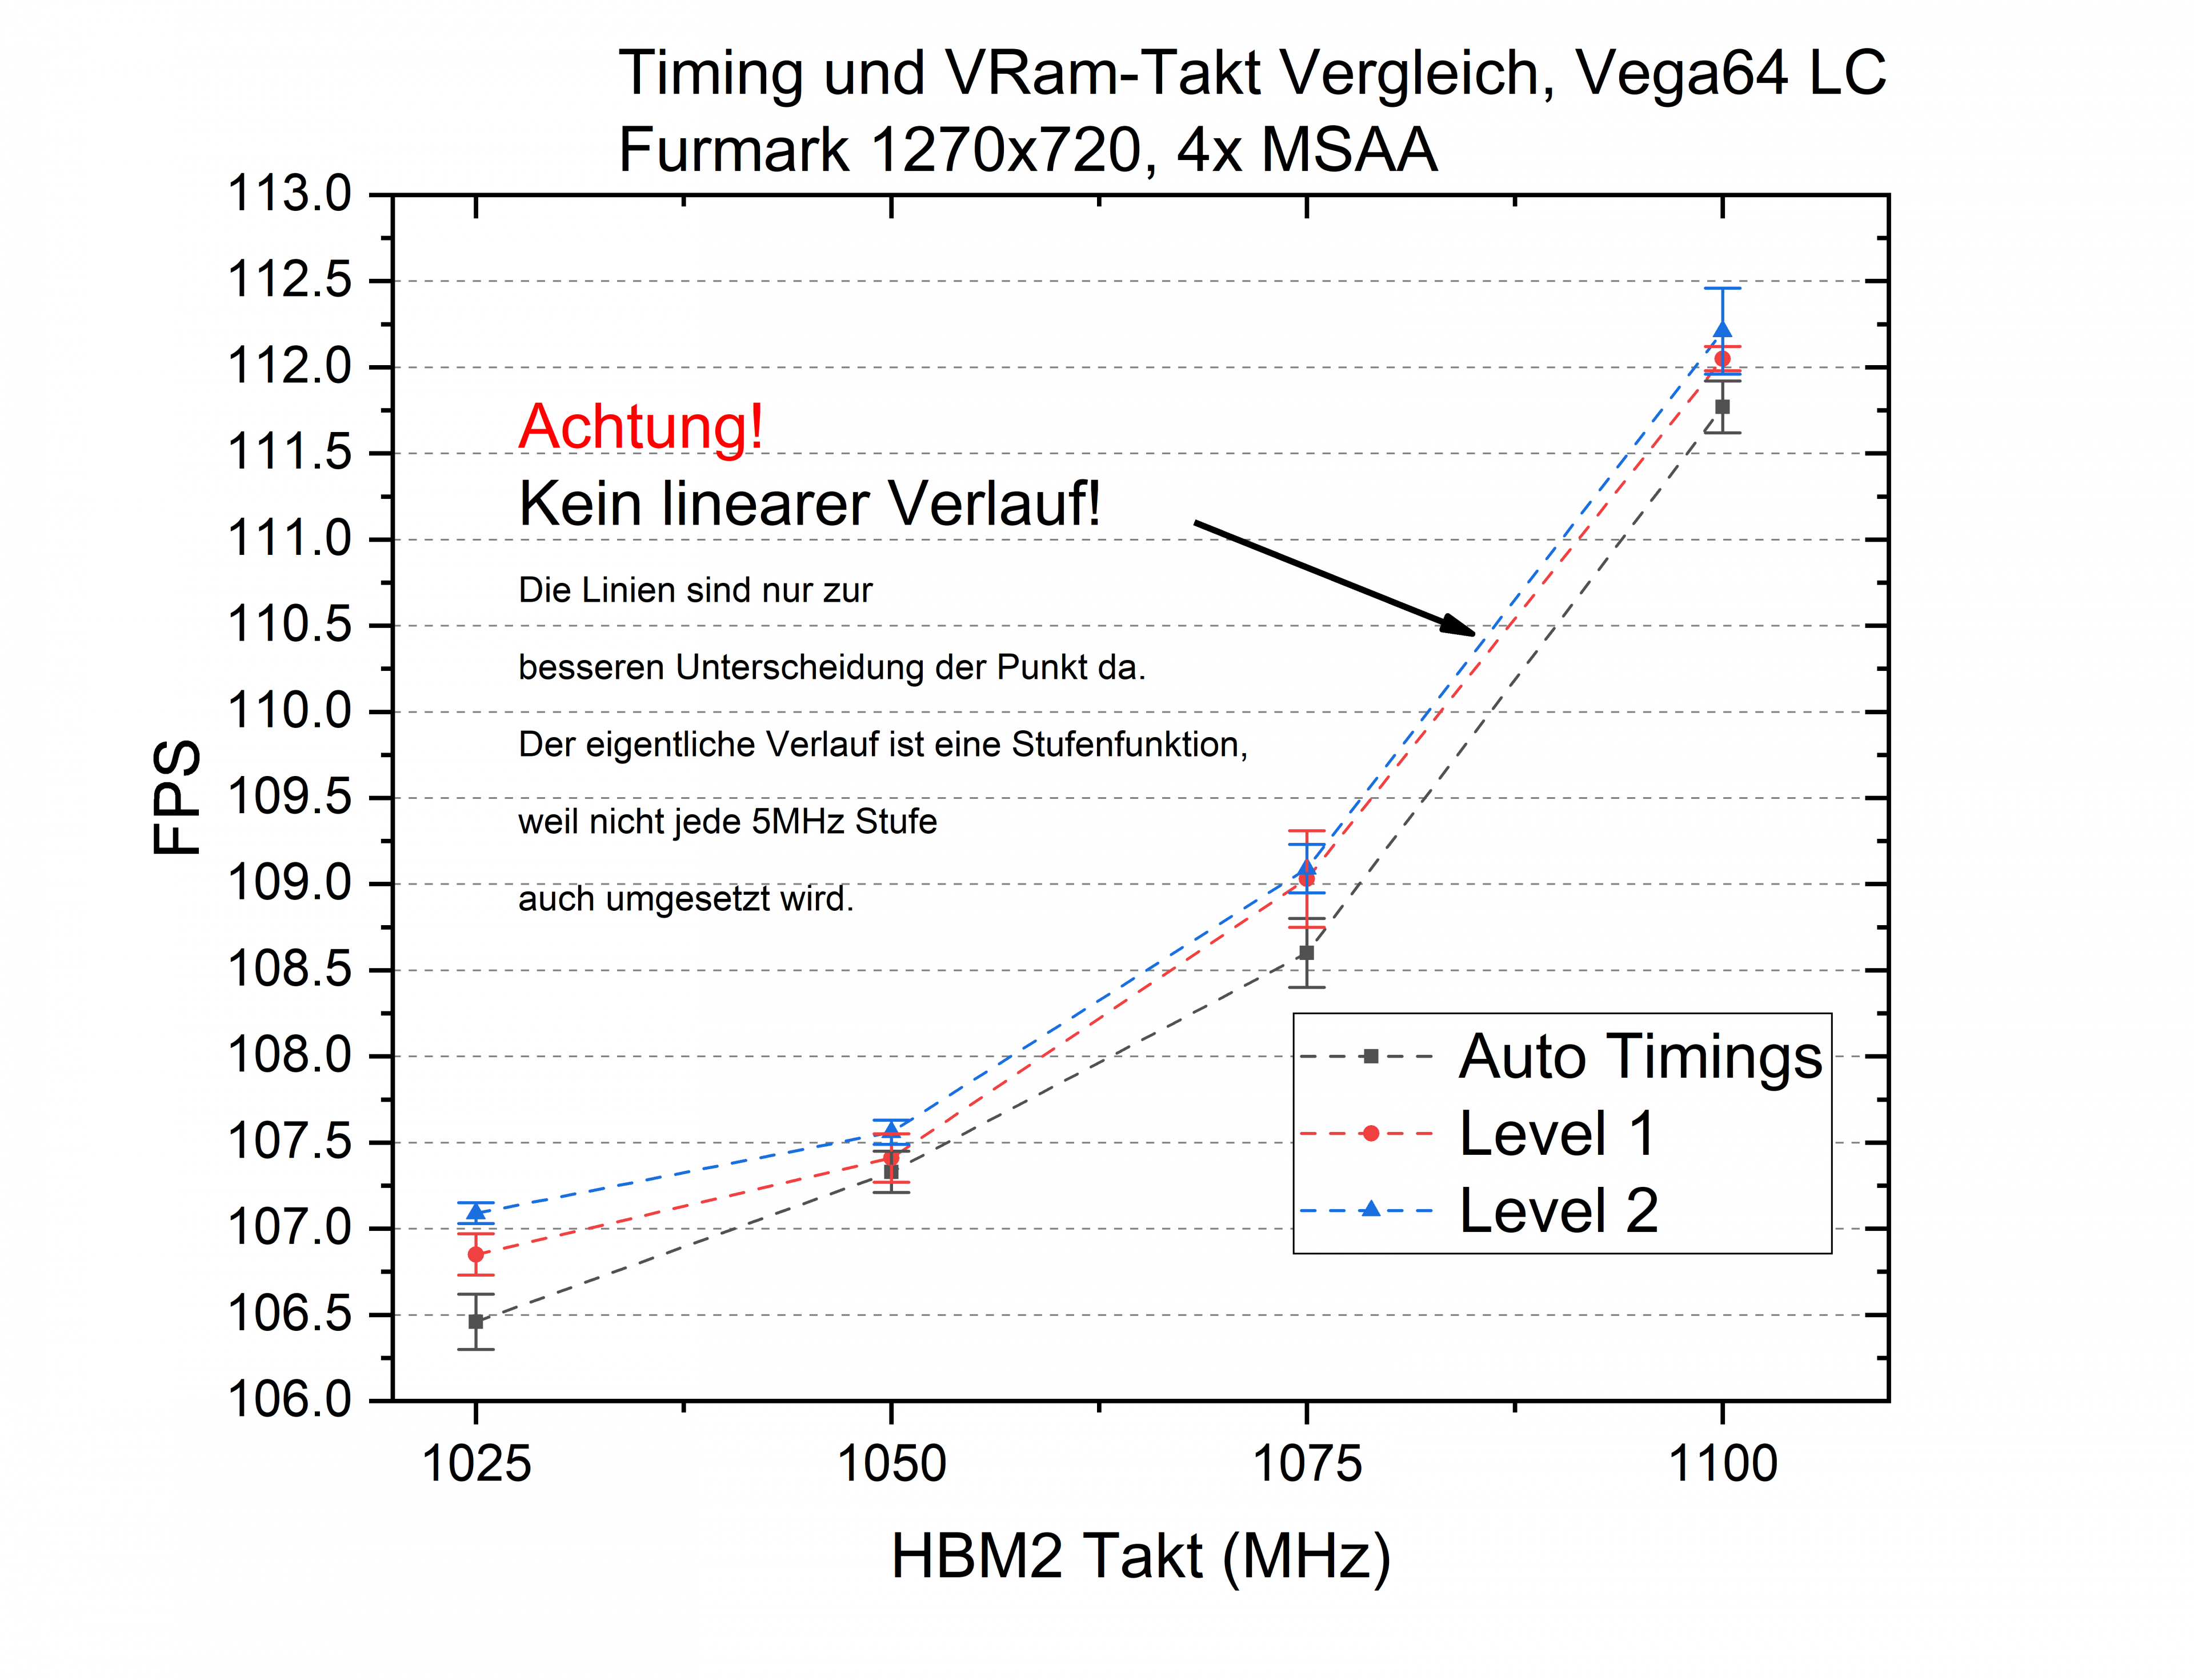 Vega timings.png